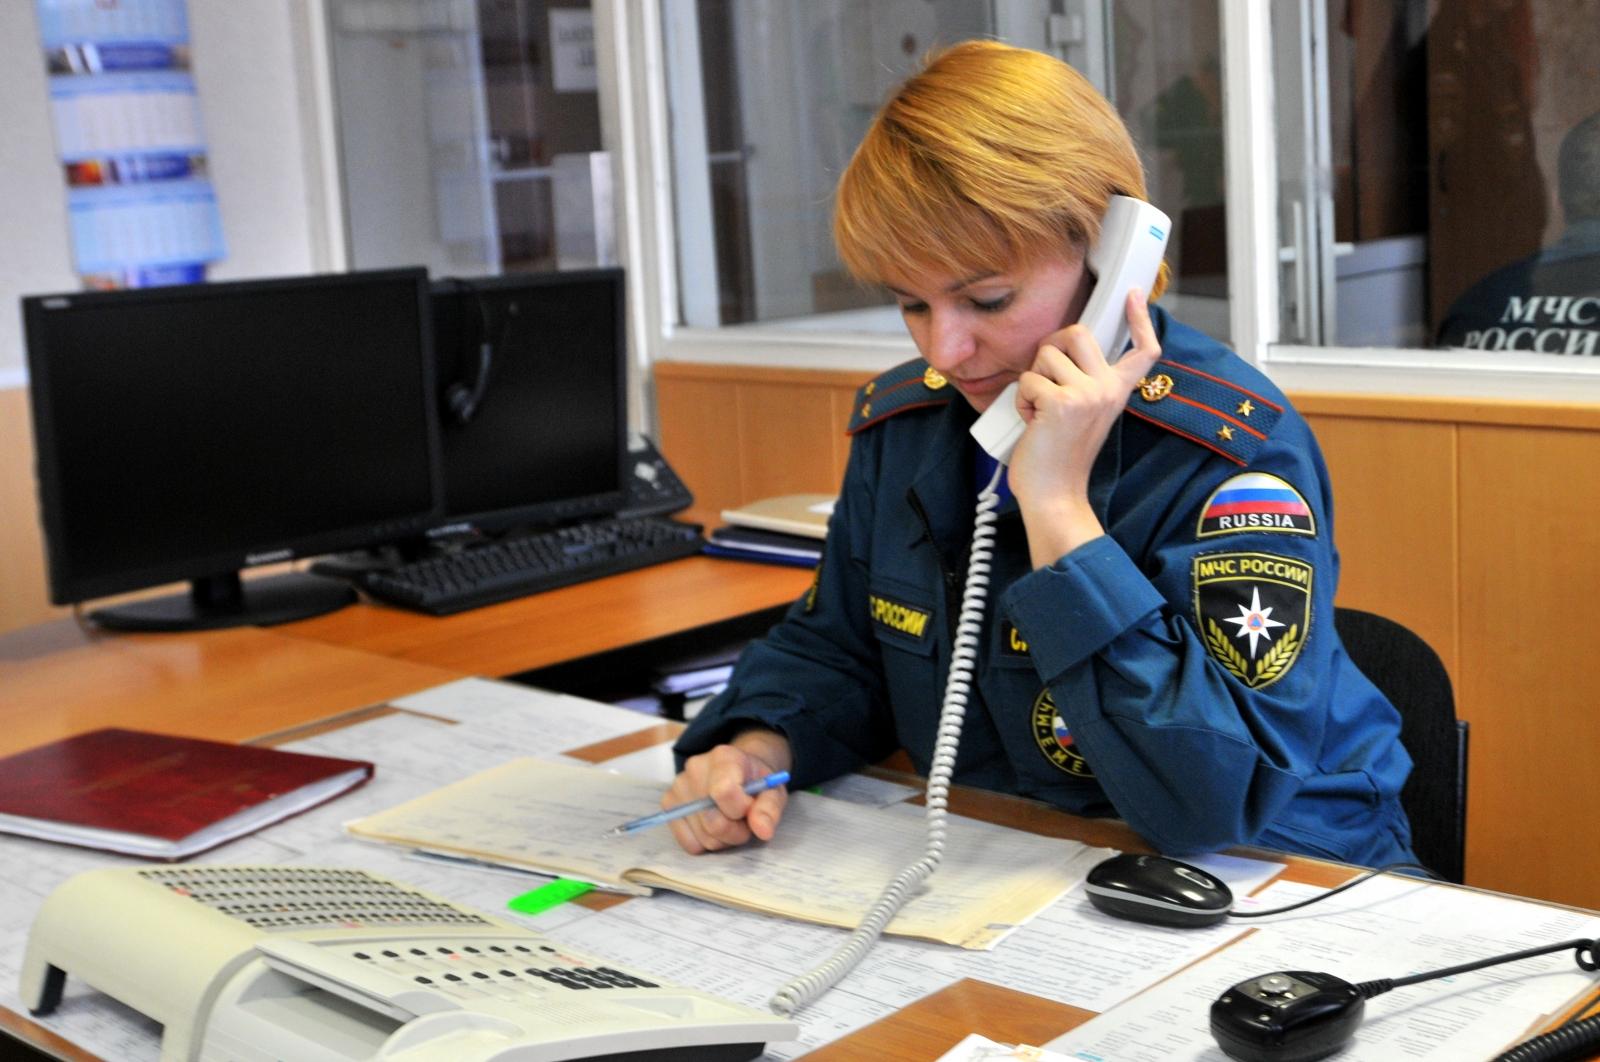 В Международный женский день диспетчеры Центрального пункта пожарной связи ГУ МЧС России по Рязанской области рассказали о работе, семье и увлечениях